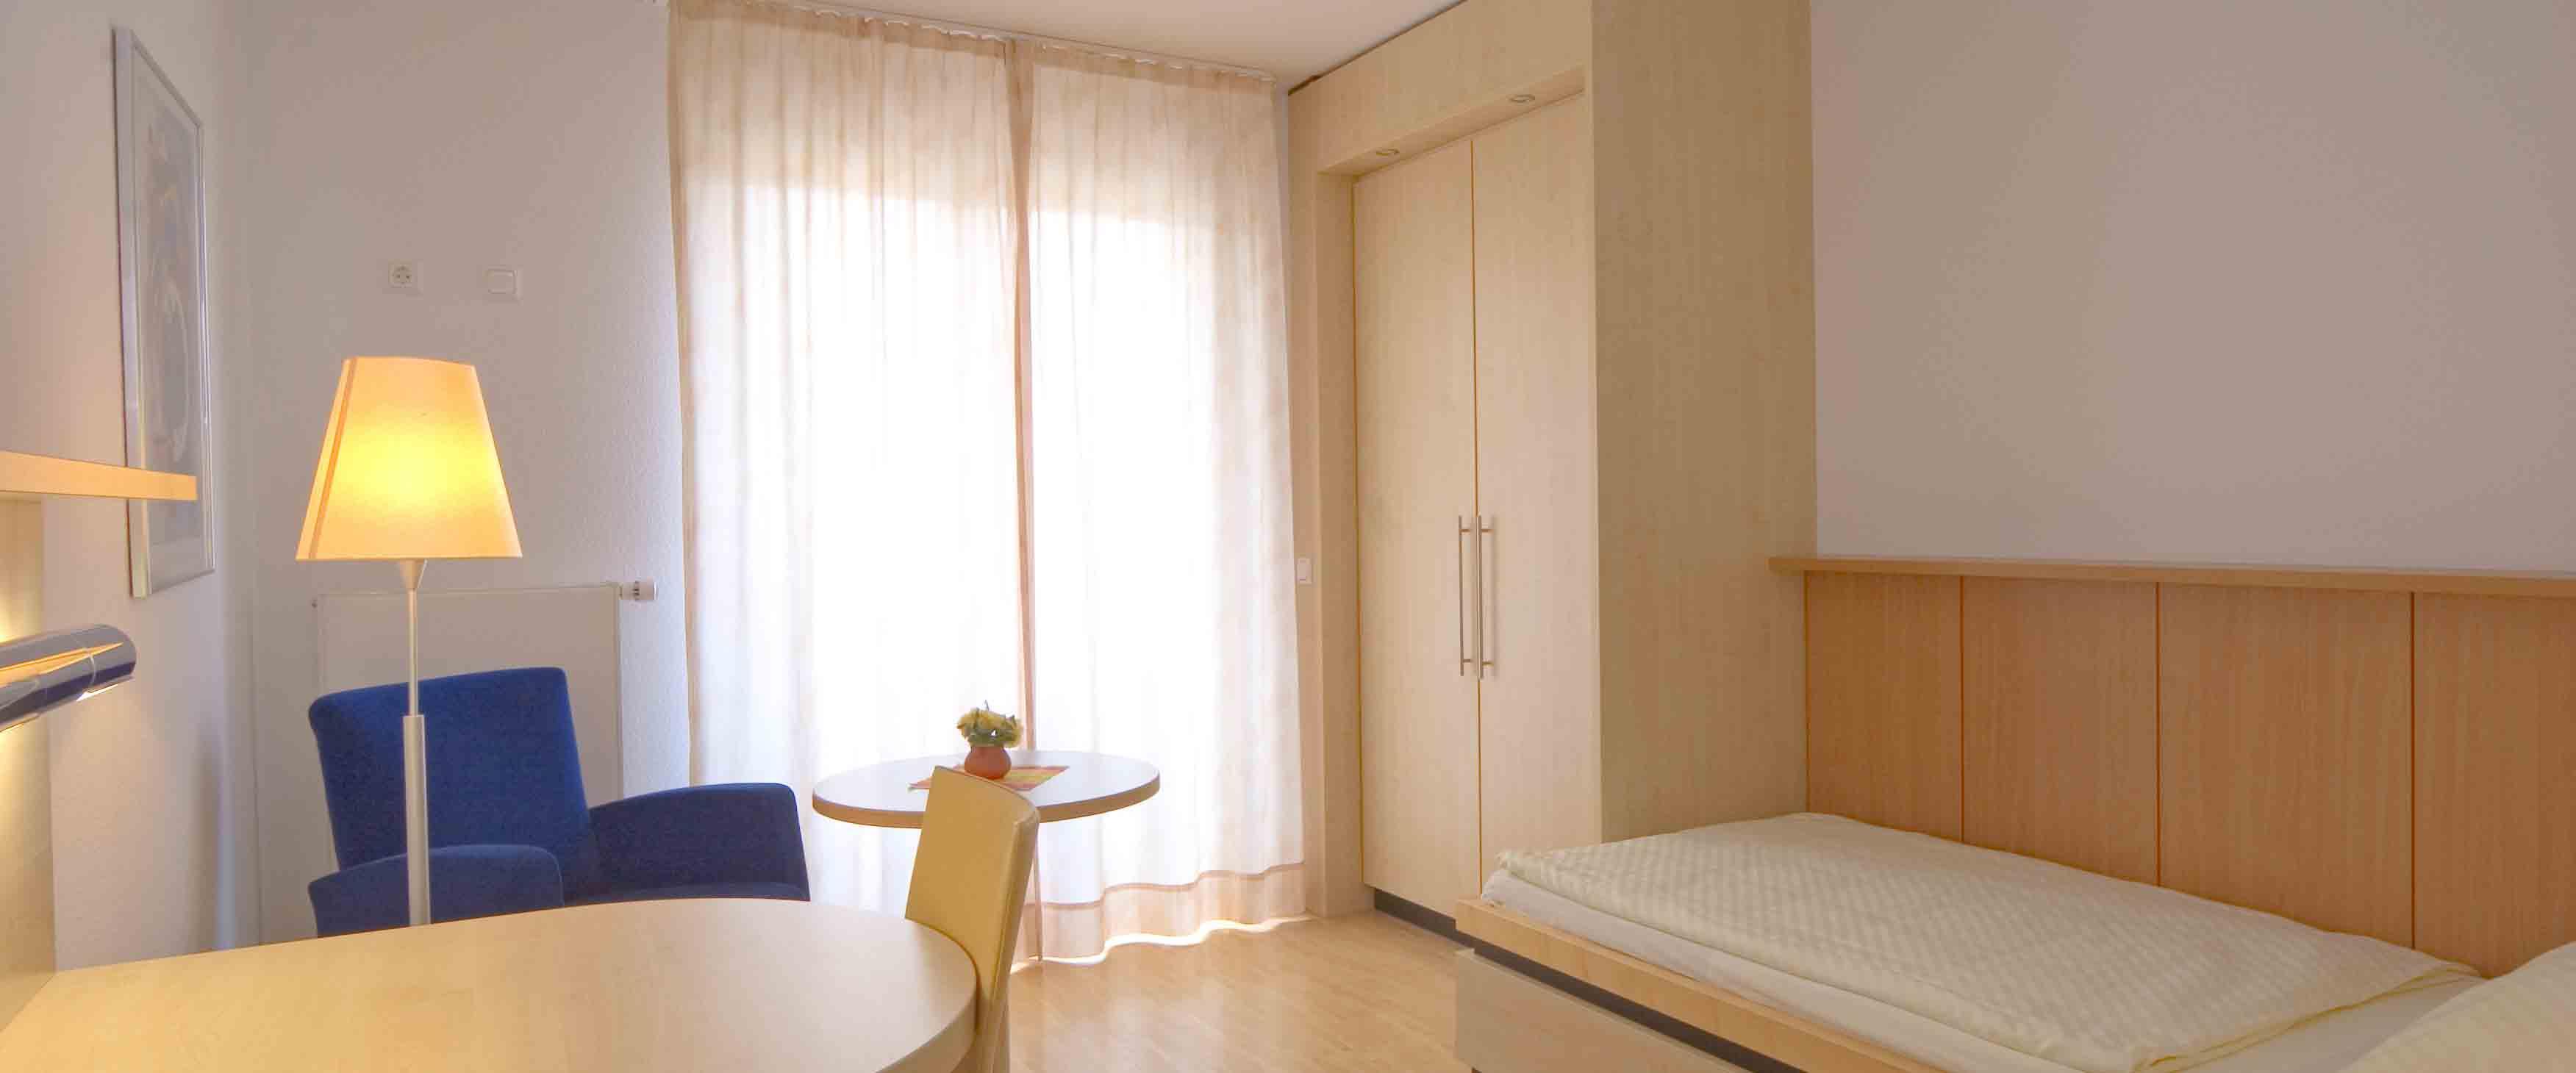 Zimmer 3 der MEDIAN Klinik für Psychosomatik Bad Dürkheim